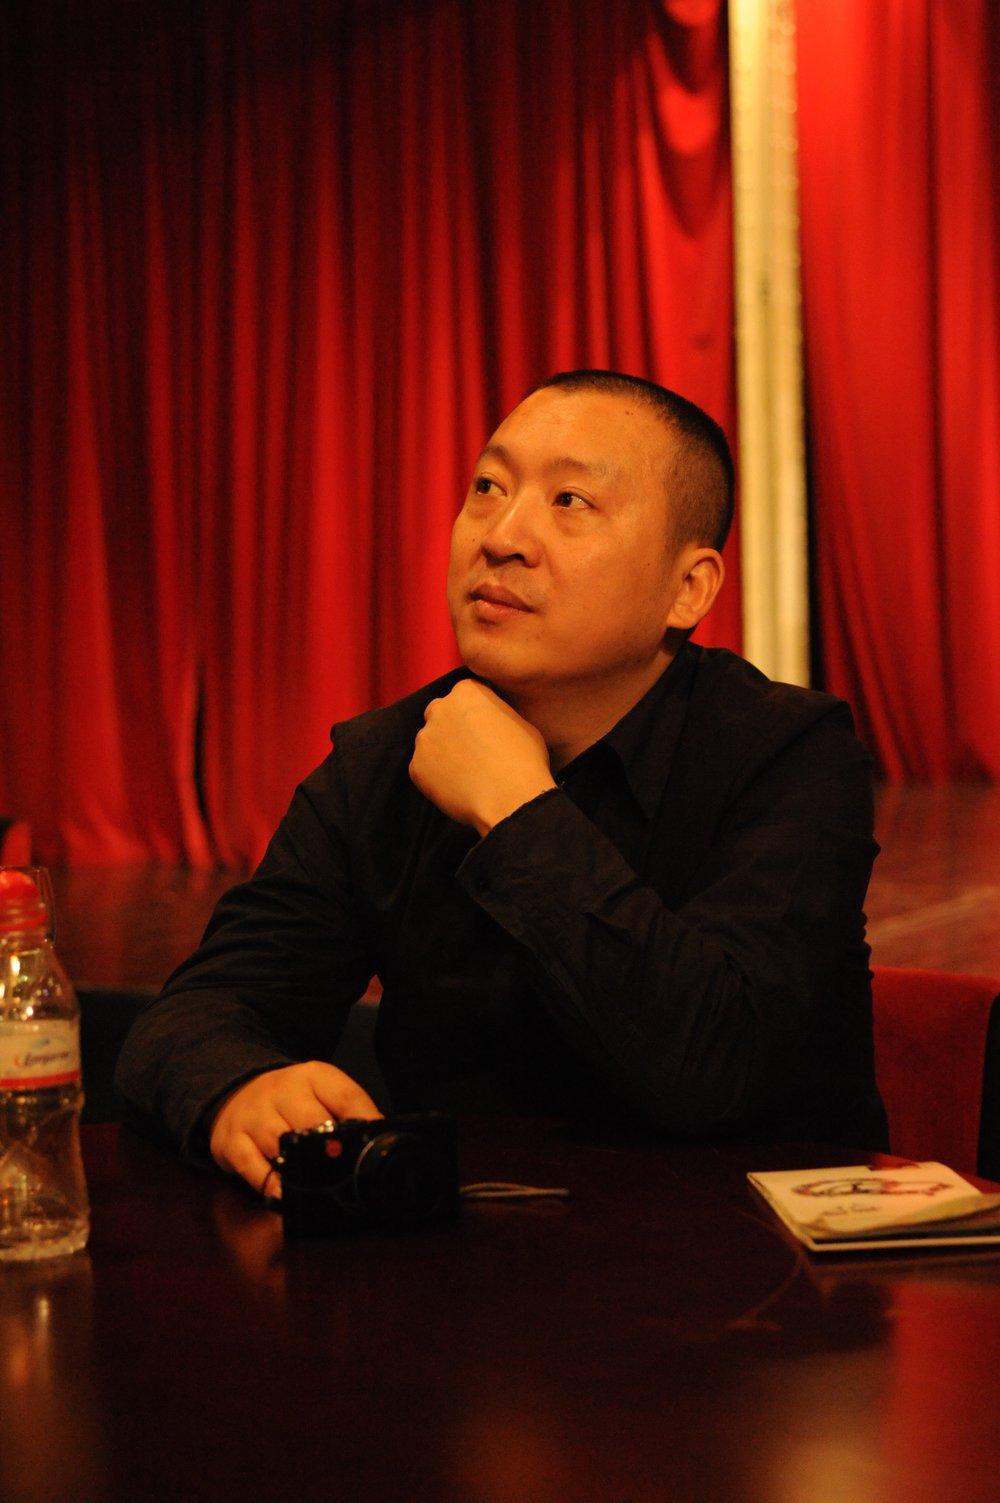 《迷雾》The Mist - 张小涛 Zhang Xiaotao